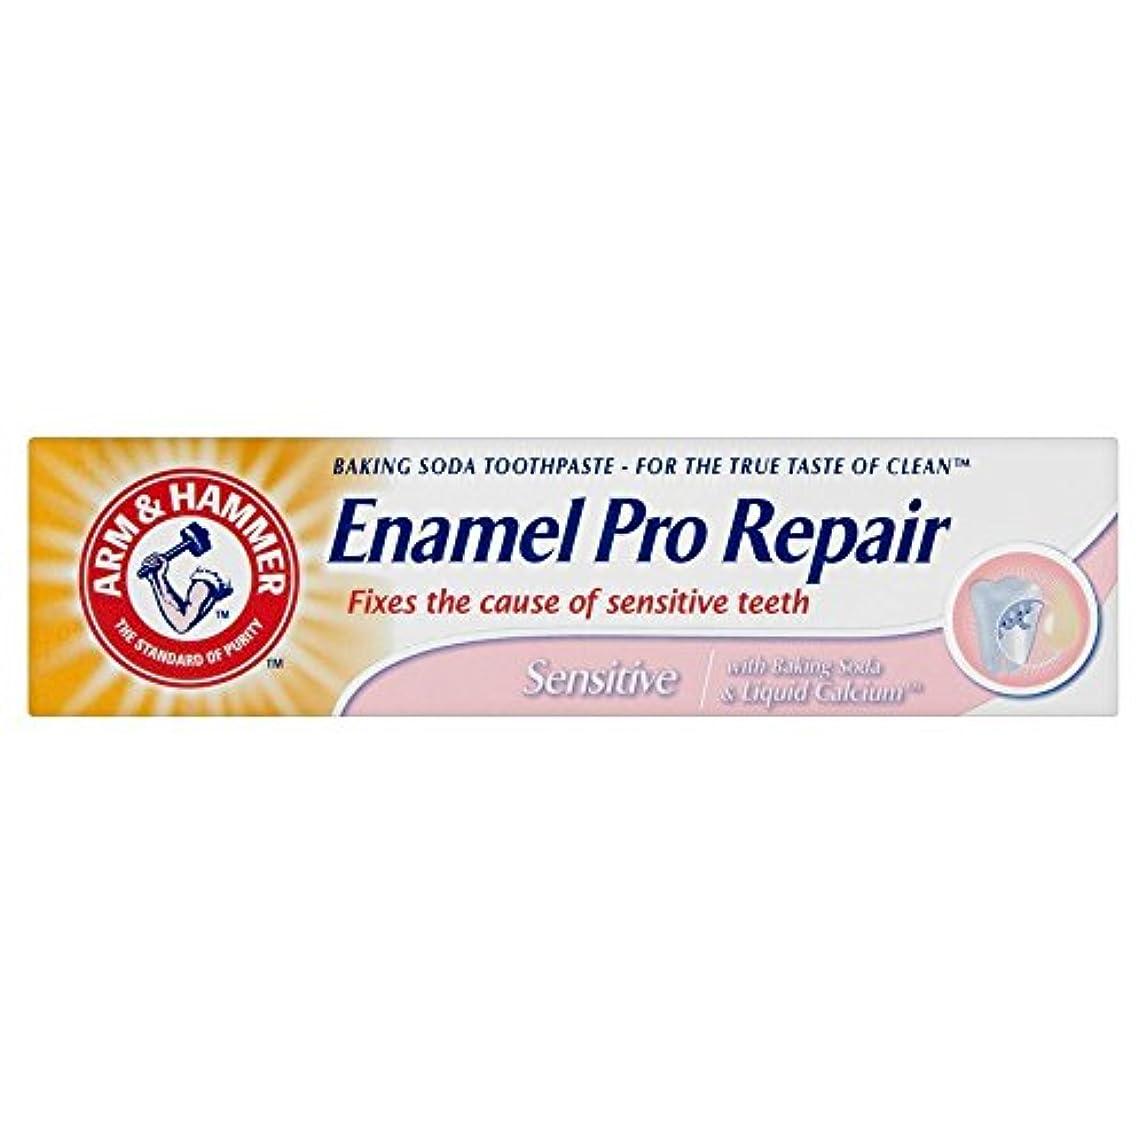 微妙豊かな忘れられないArm & Hammer Enamel Care Sensitive Toothpaste Tube (75ml) アームとハンマーエナメルケア敏感歯磨き粉のチューブ( 75ミリリットル) [並行輸入品]